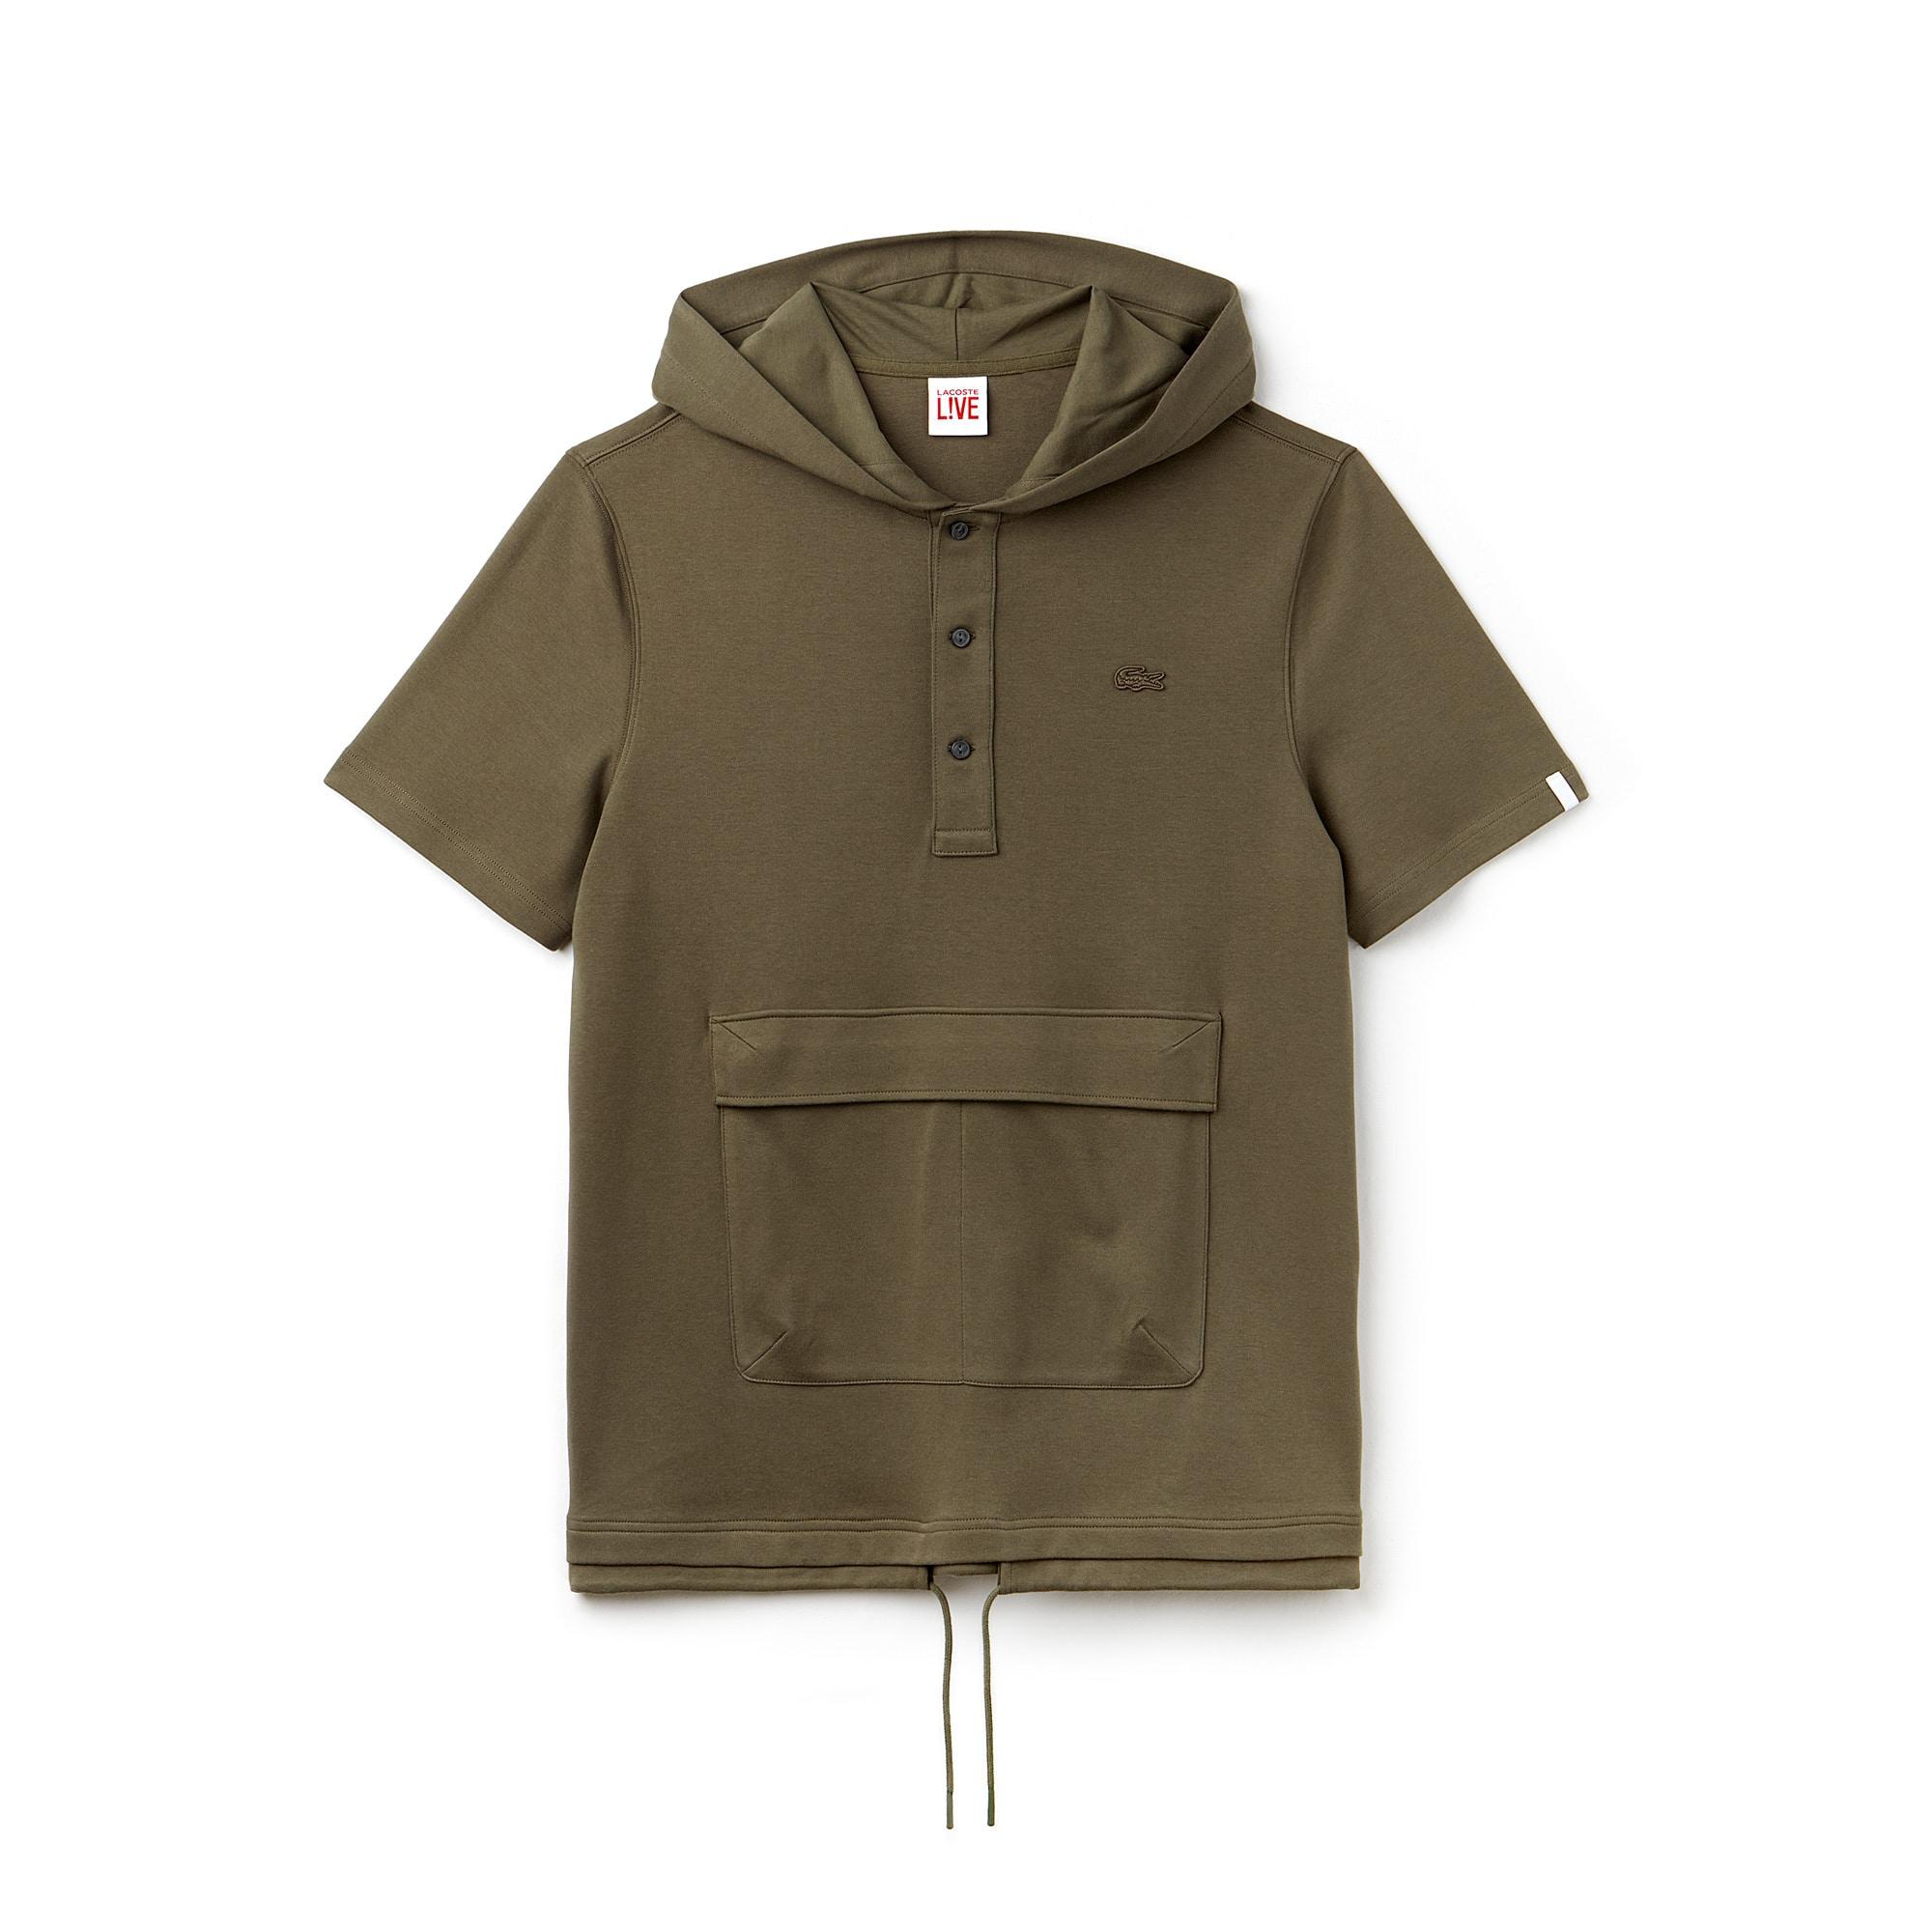 Sweatshirt à capuche Lacoste LIVE à manches courtes en interlock uni